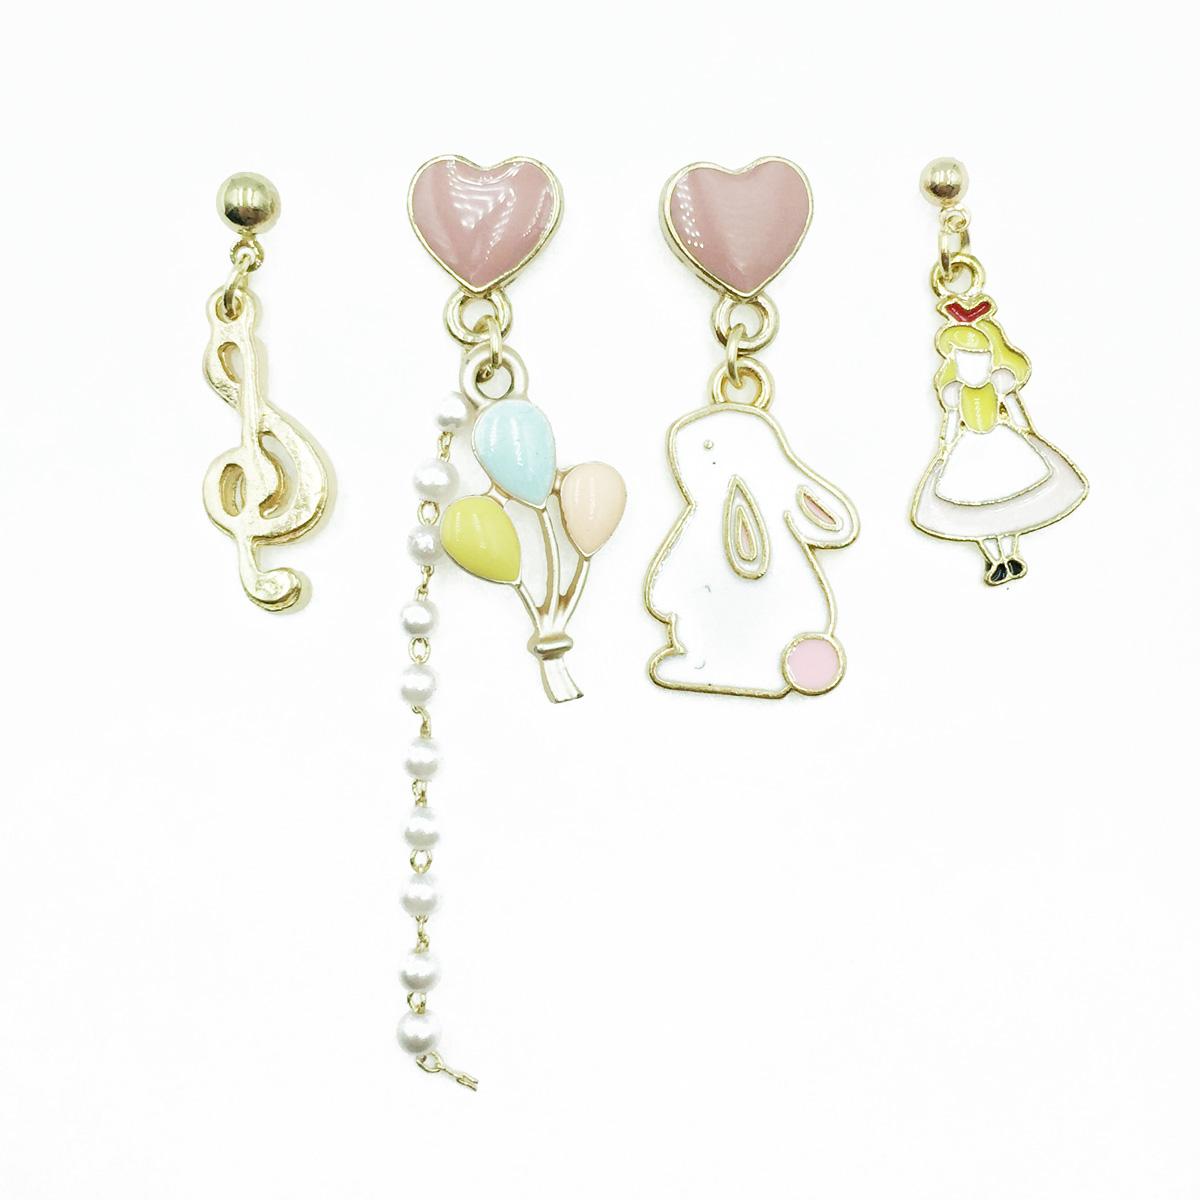 韓國 愛麗絲 兔子 氣球 愛心 珍珠 音符 四入 垂墜感 耳針式耳環